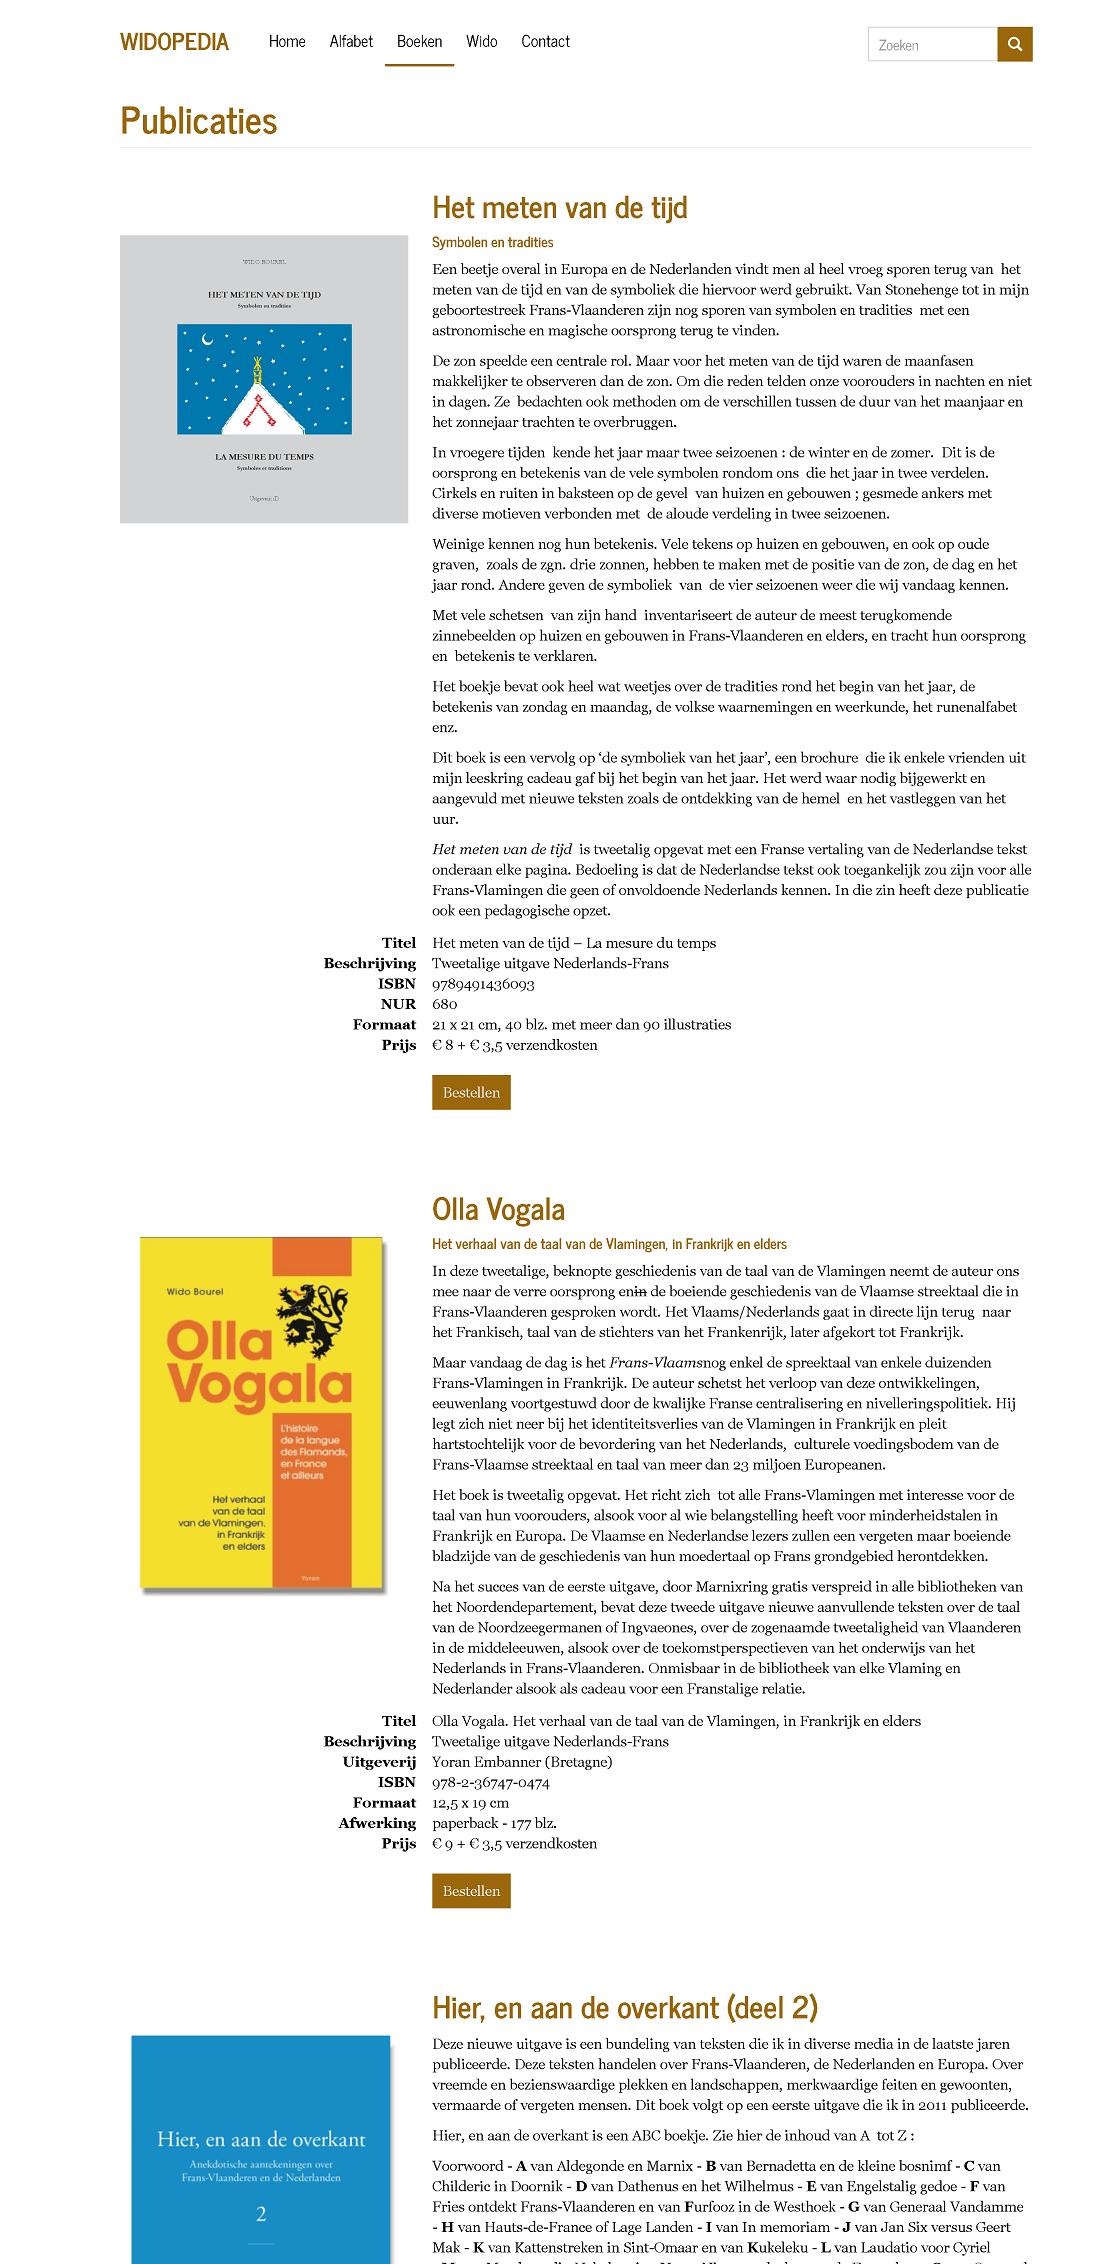 widopedia